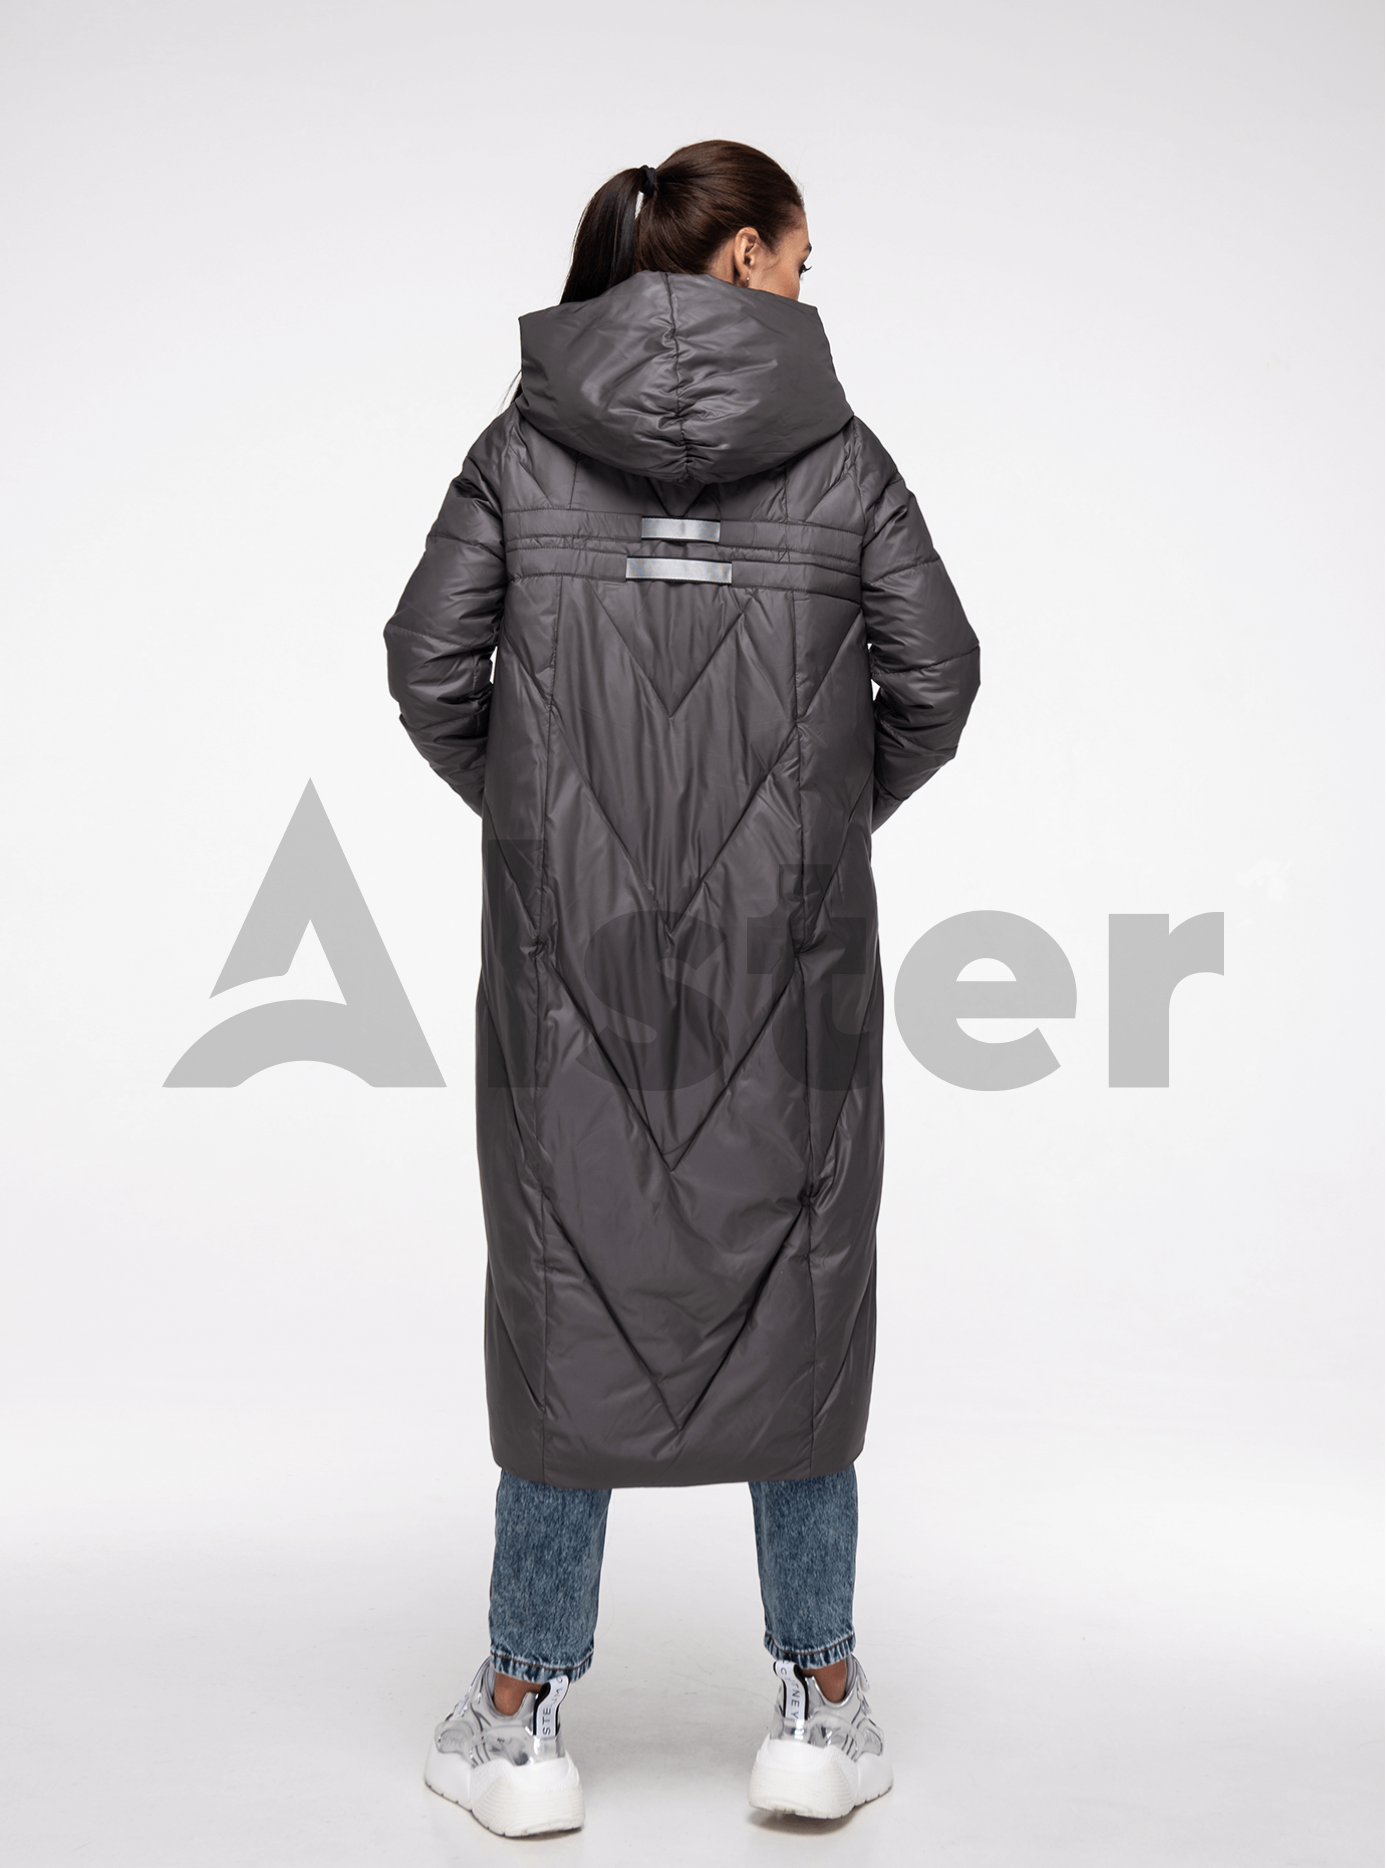 Куртка зимняя длинная прямого фасона Графитовый L (05-V191178): фото - Alster.ua